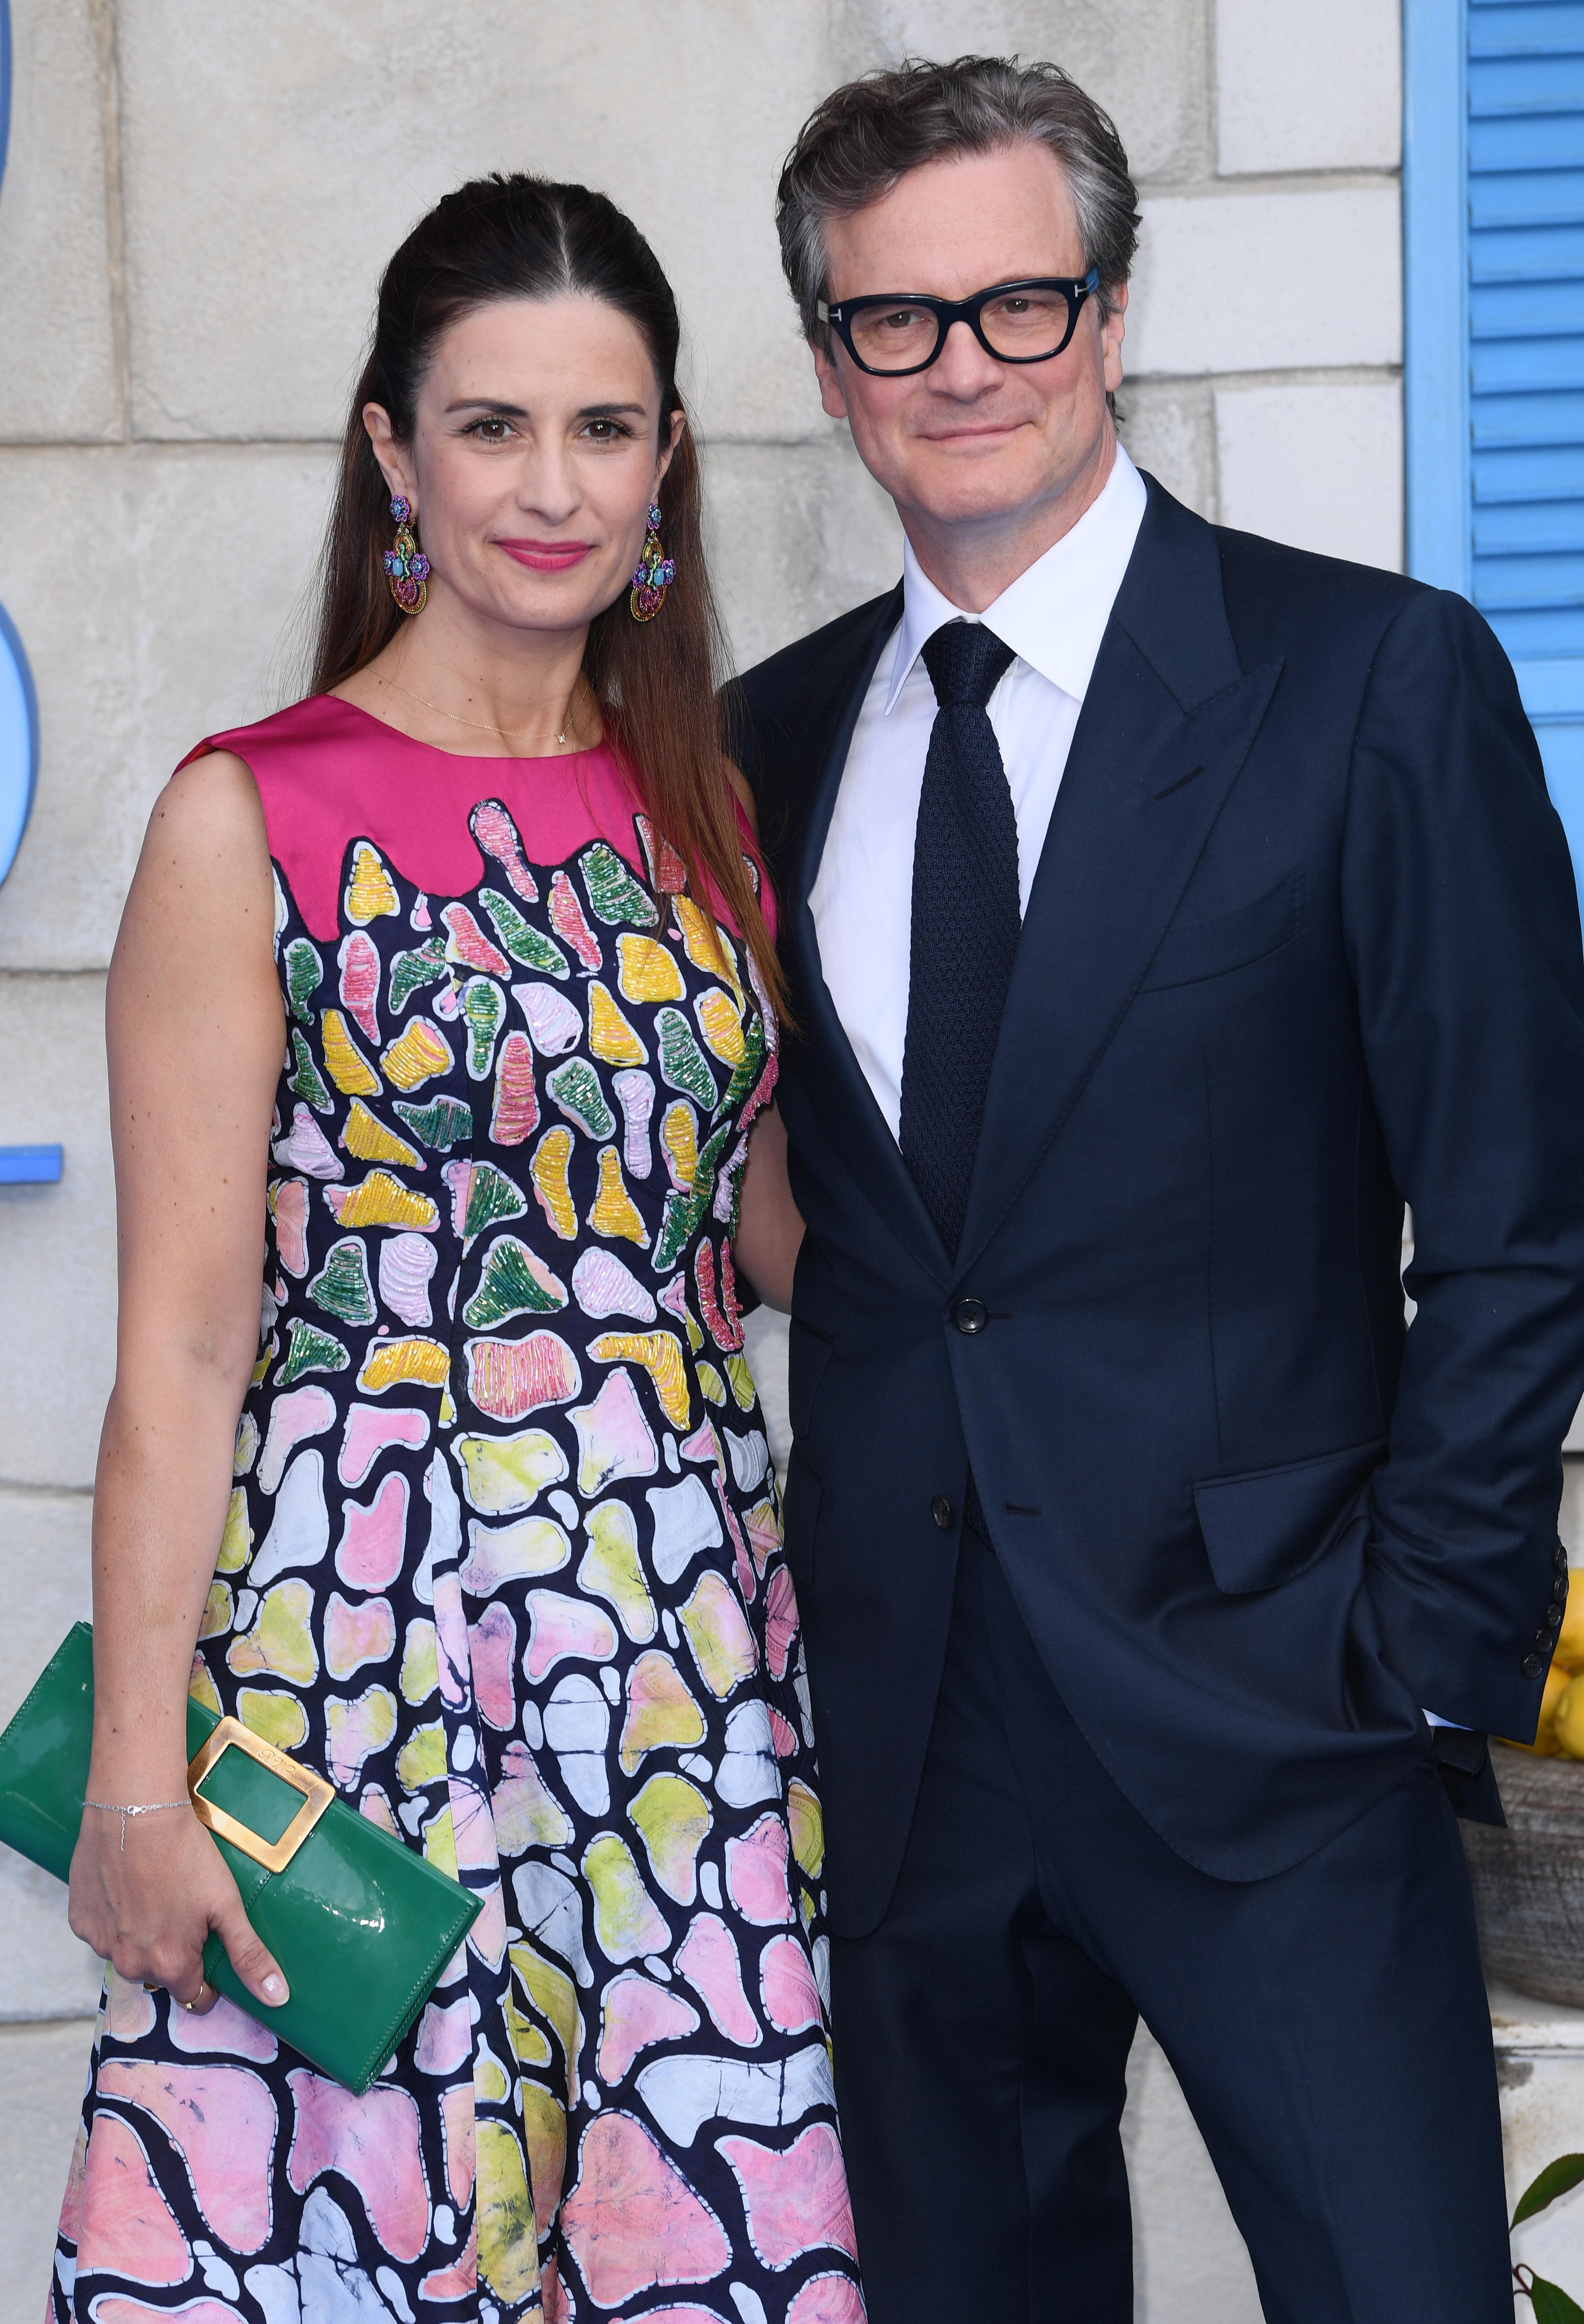 """Colin Firth and Livia Giuggioli attend the """"Mamma Mia! Here We Go Again"""" film premiere in London on July 16, 2018."""